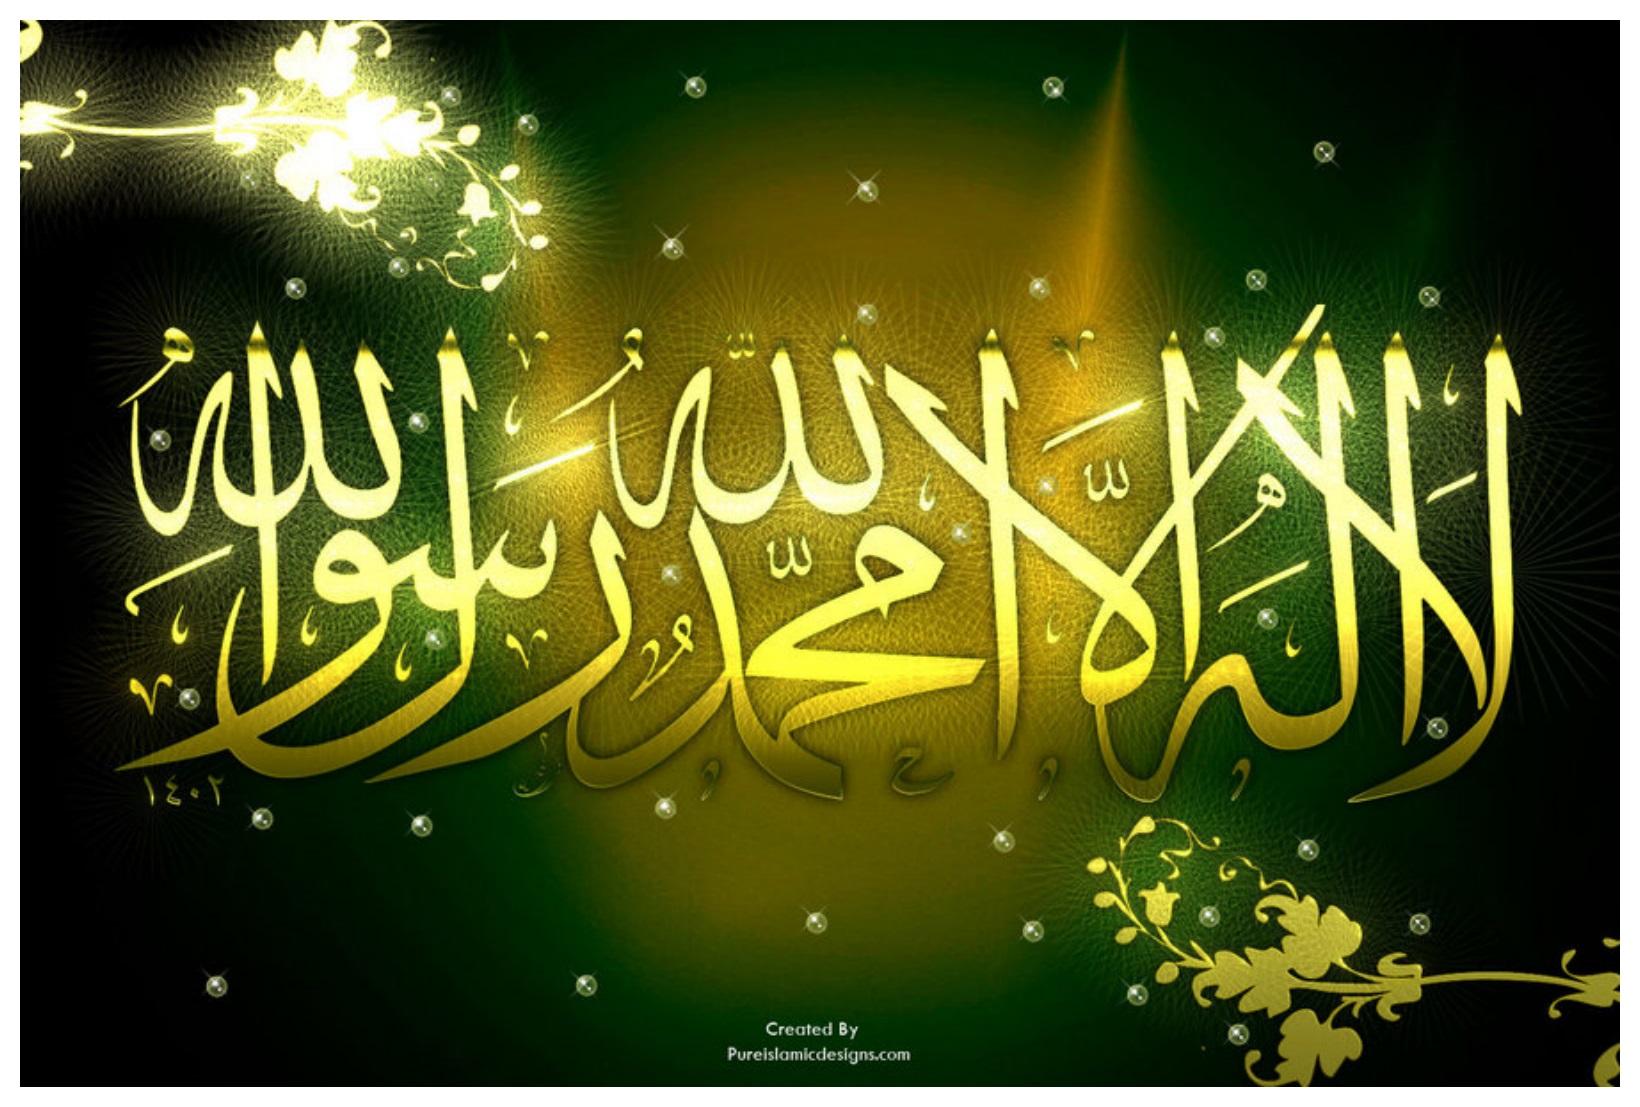 La ilaha illallah muhammad rasool allah hd wallpapers - La ilaha illallah hd wallpaper ...